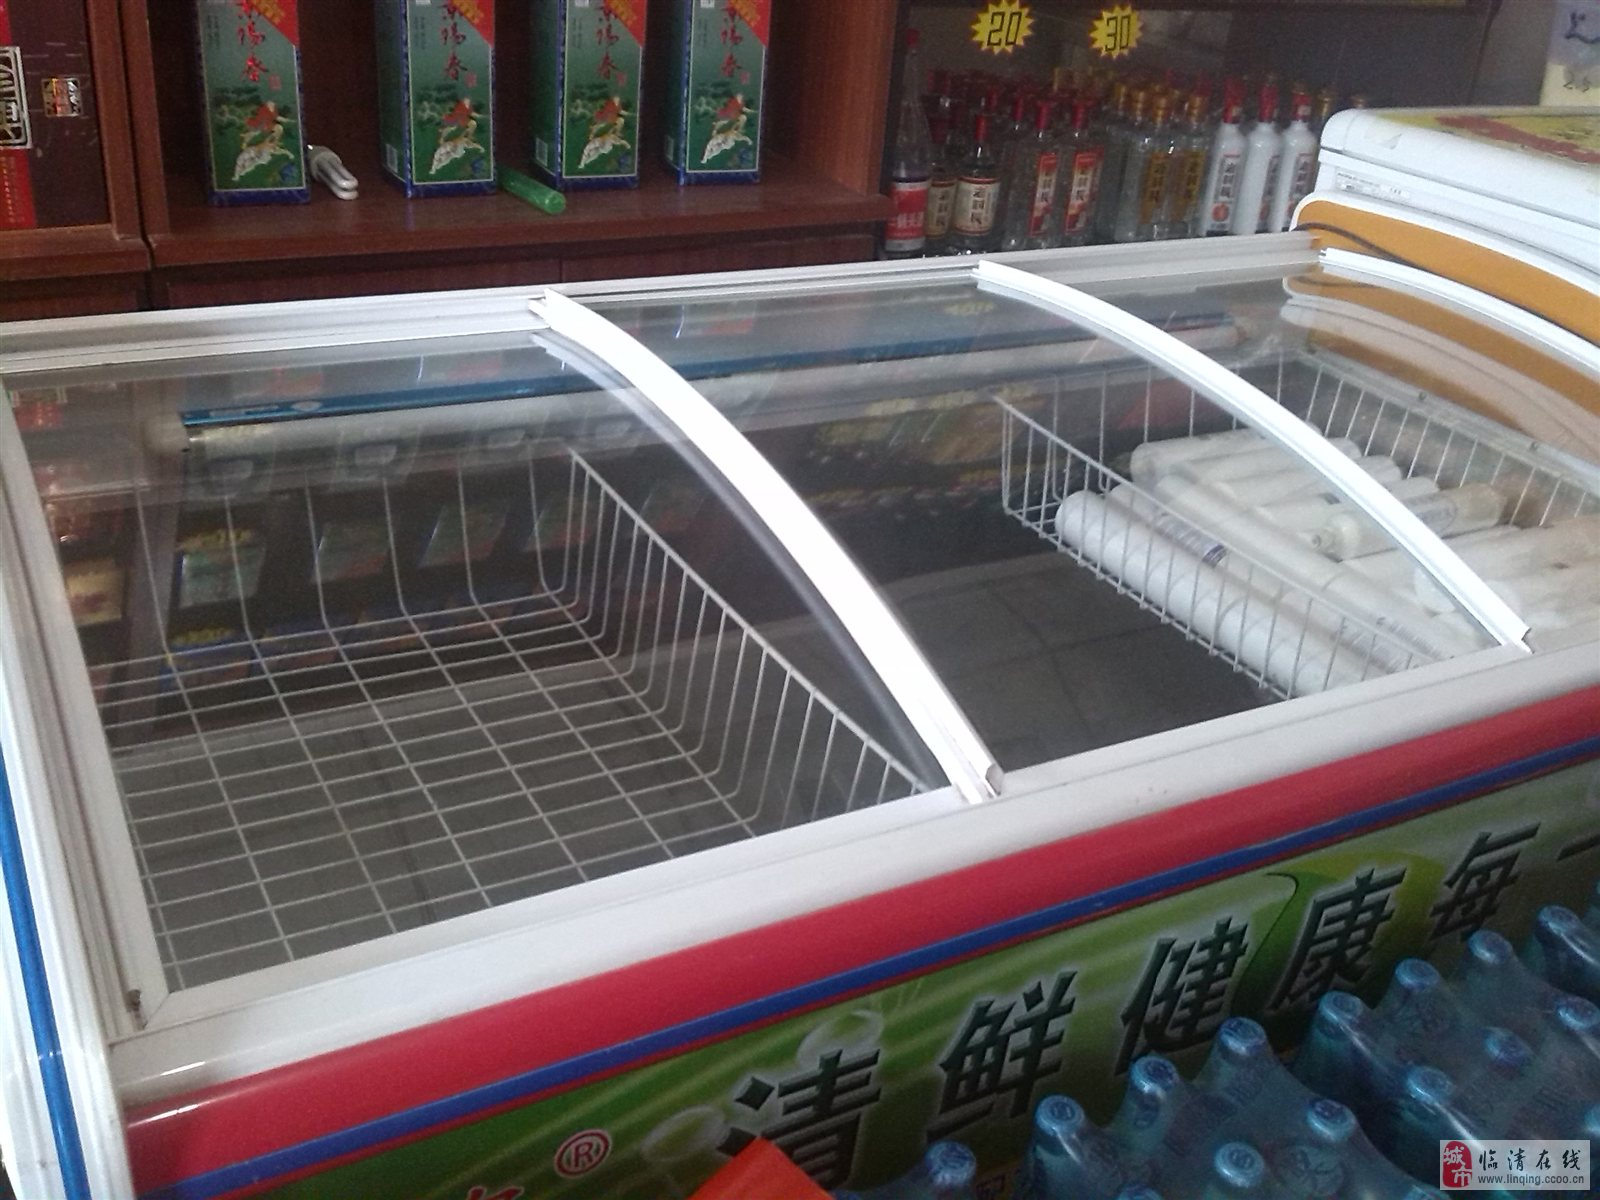 白菜价处理冷藏柜,需要买一个大的冷冻柜